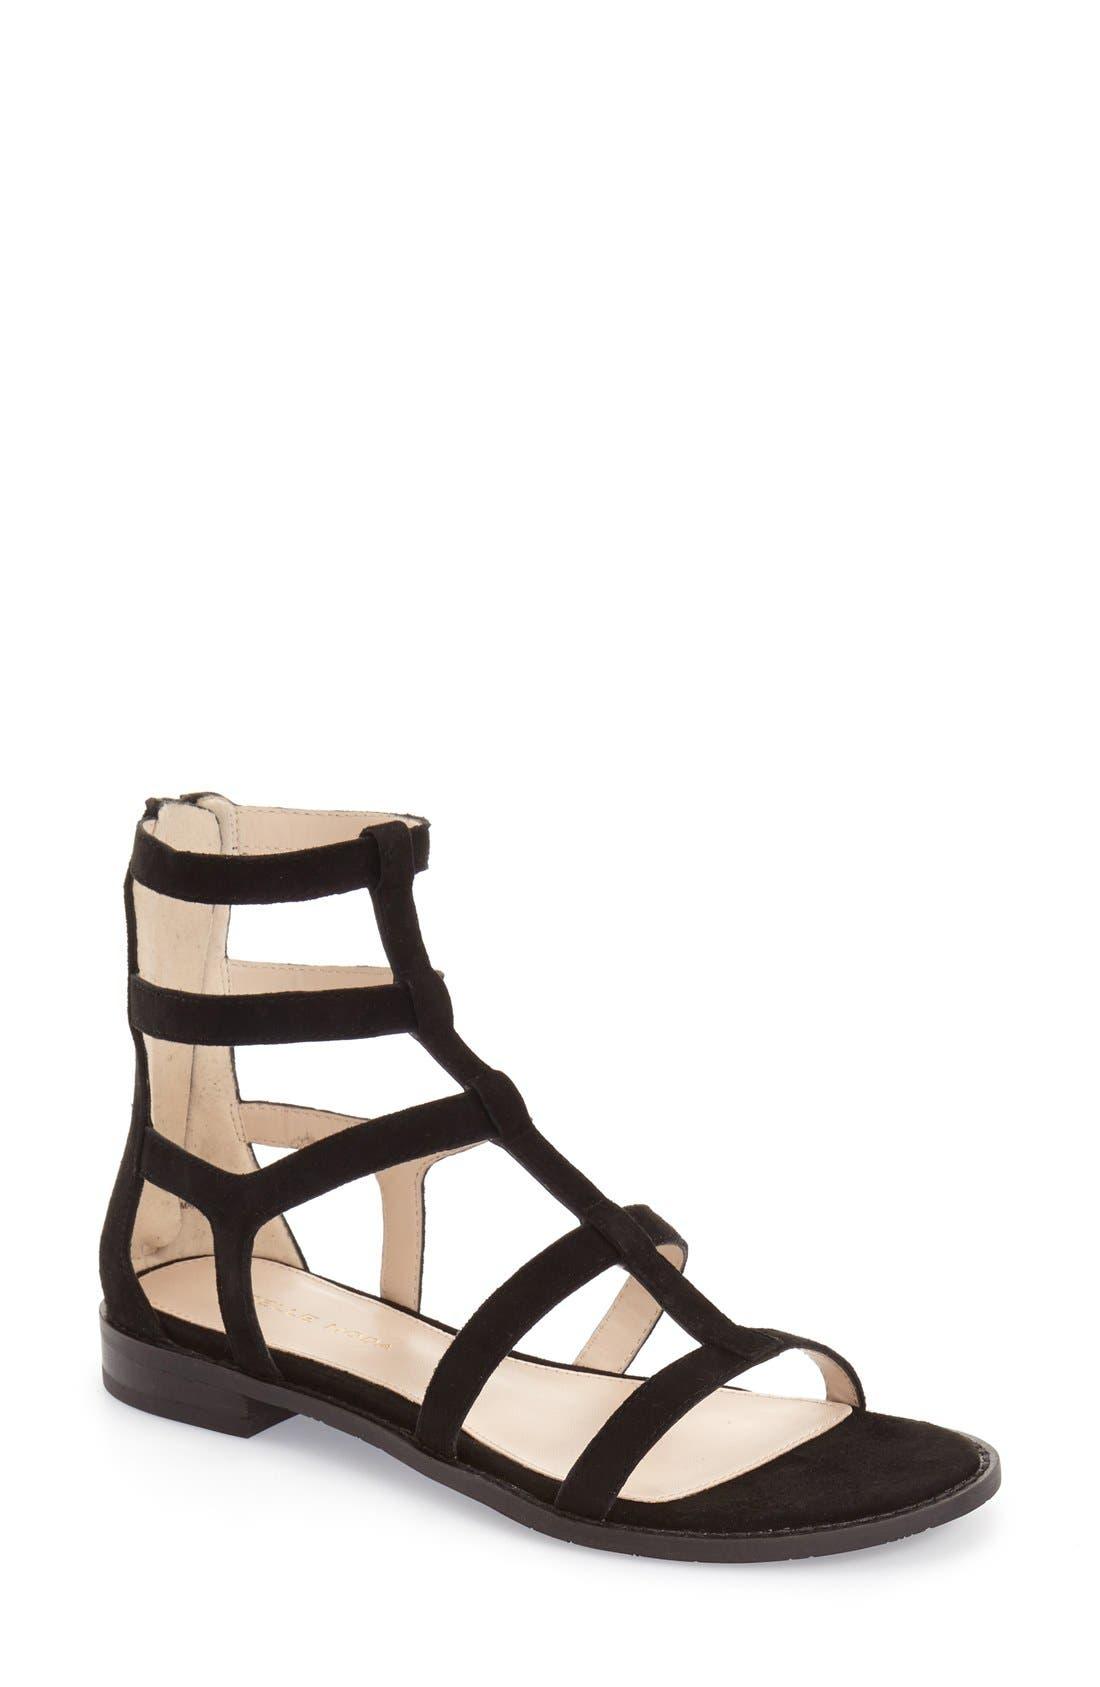 'Helen' Flat Gladiator Sandal,                         Main,                         color, Black Leather